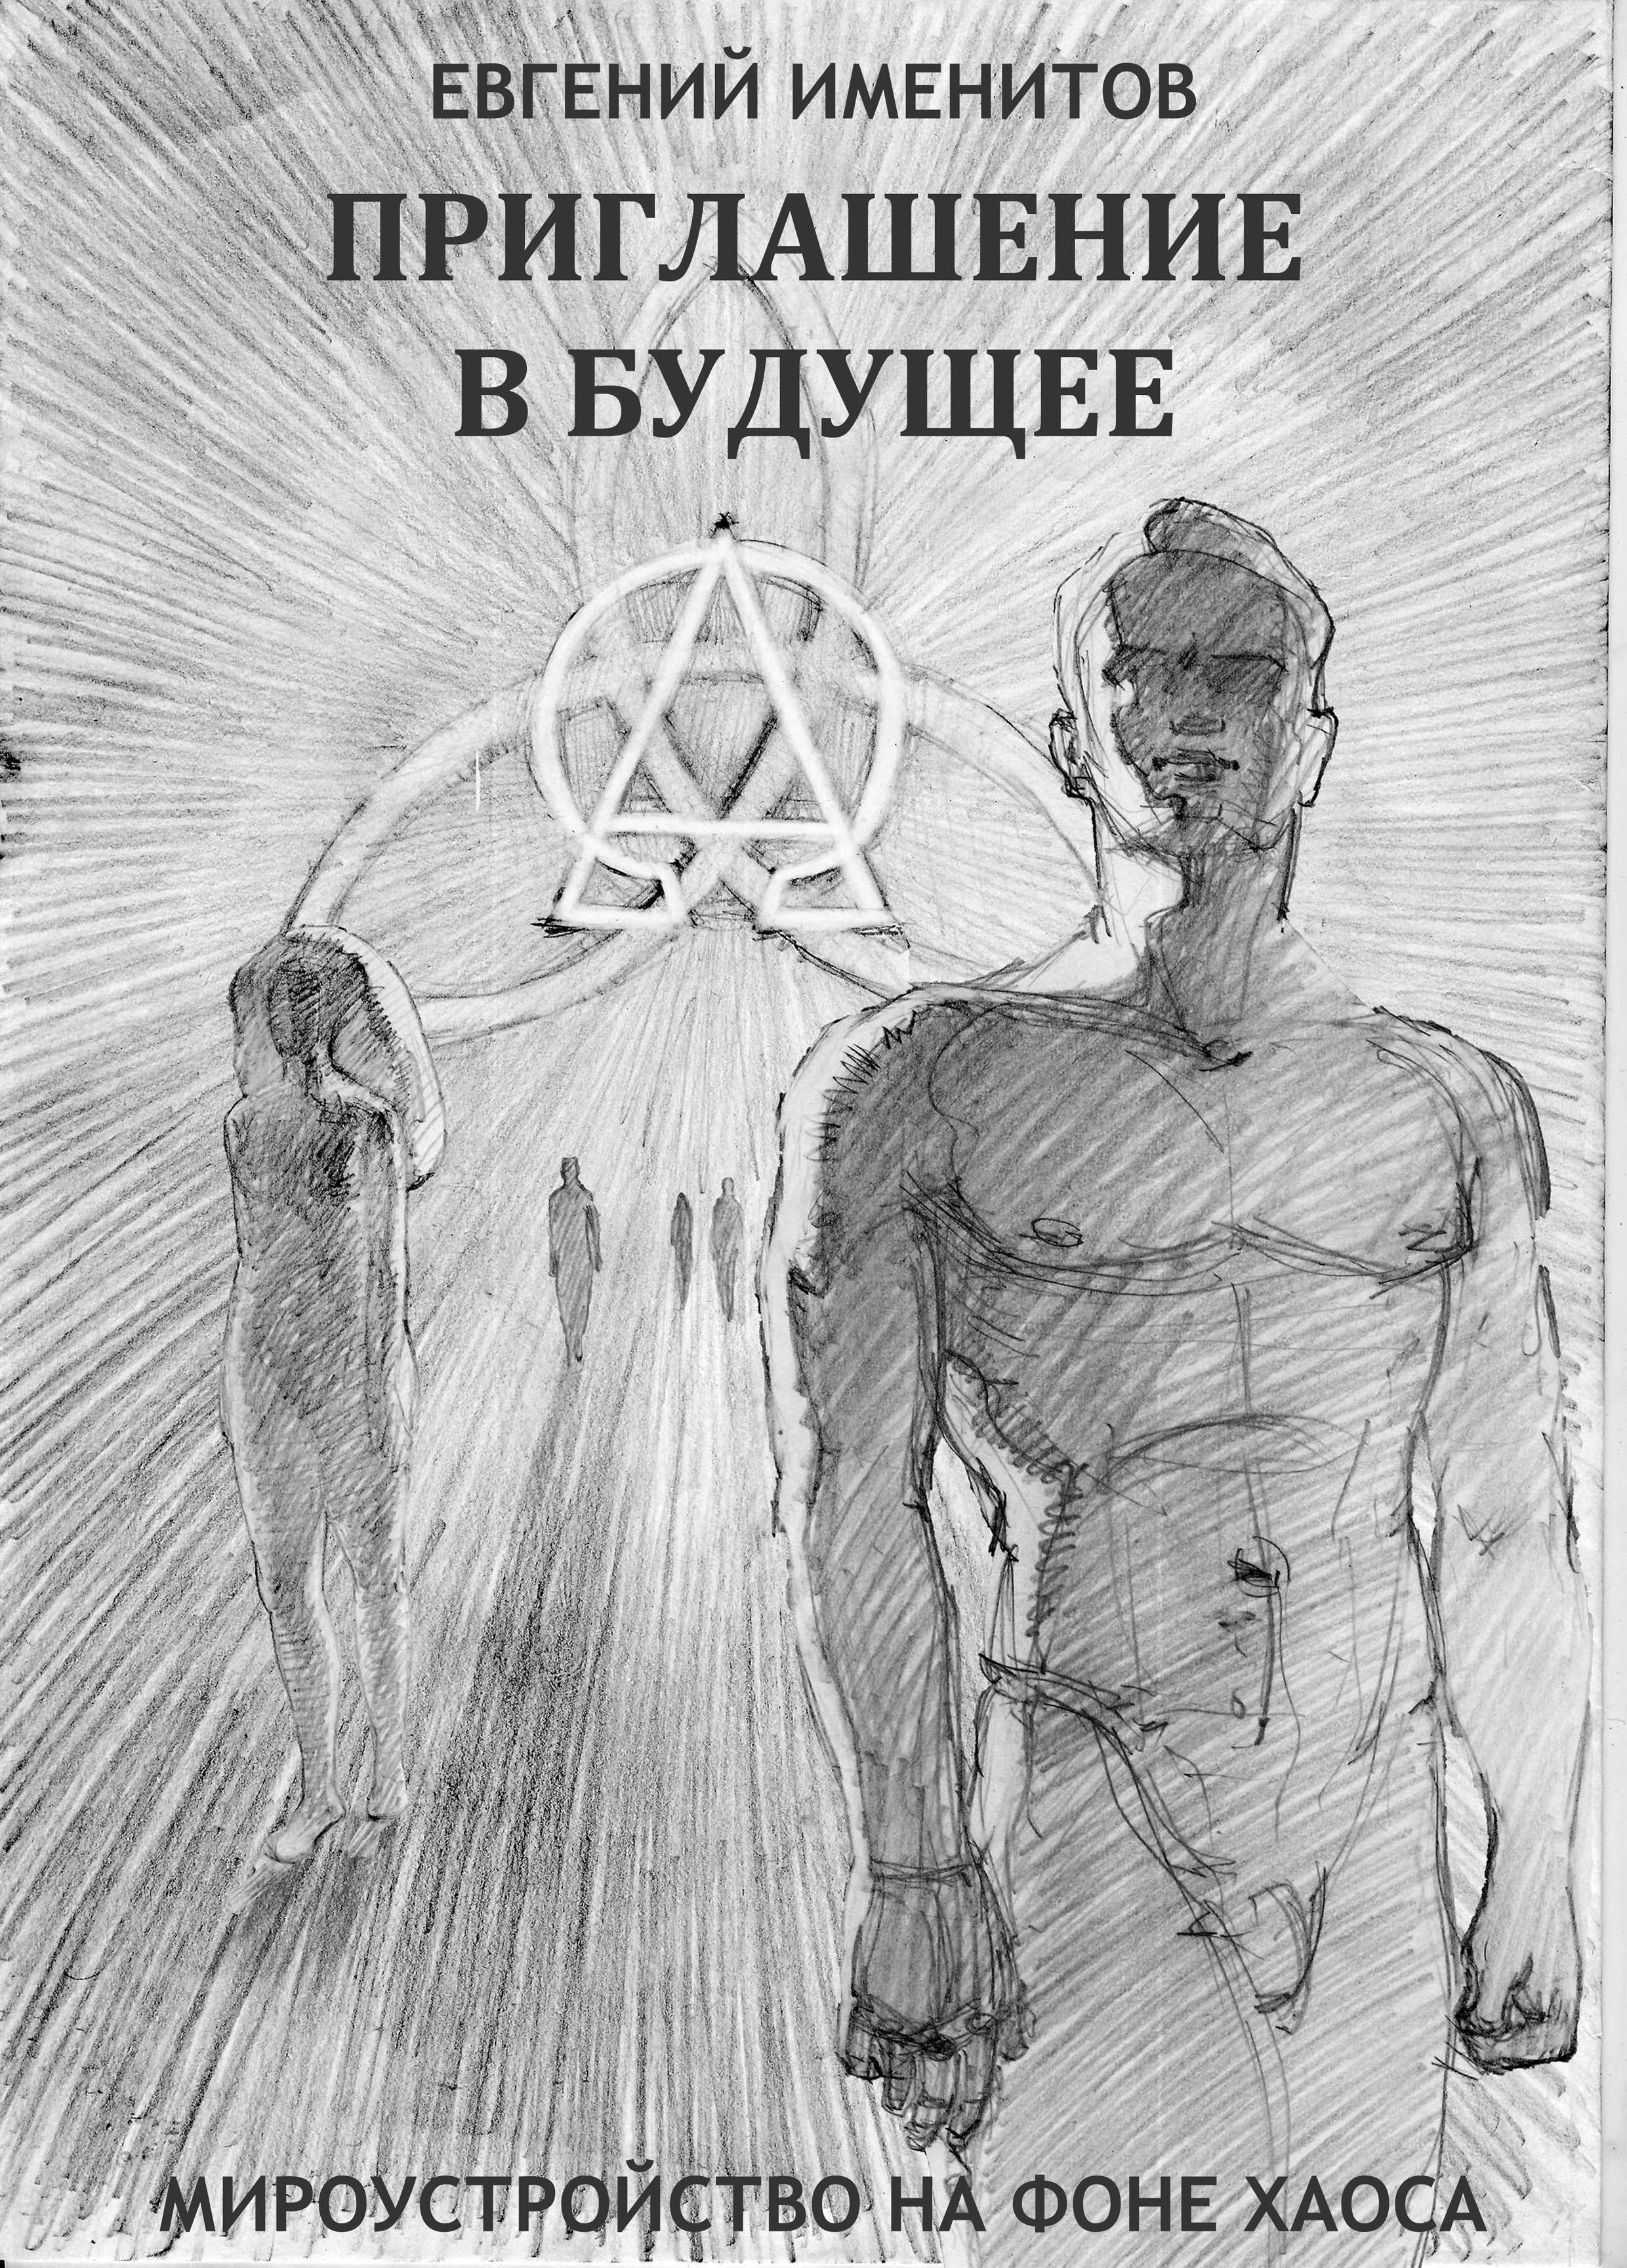 23 чёрно-белые и 1 цветная иллюстрация для книги (конкурс) фото f_09959bc2fde318a5.jpg